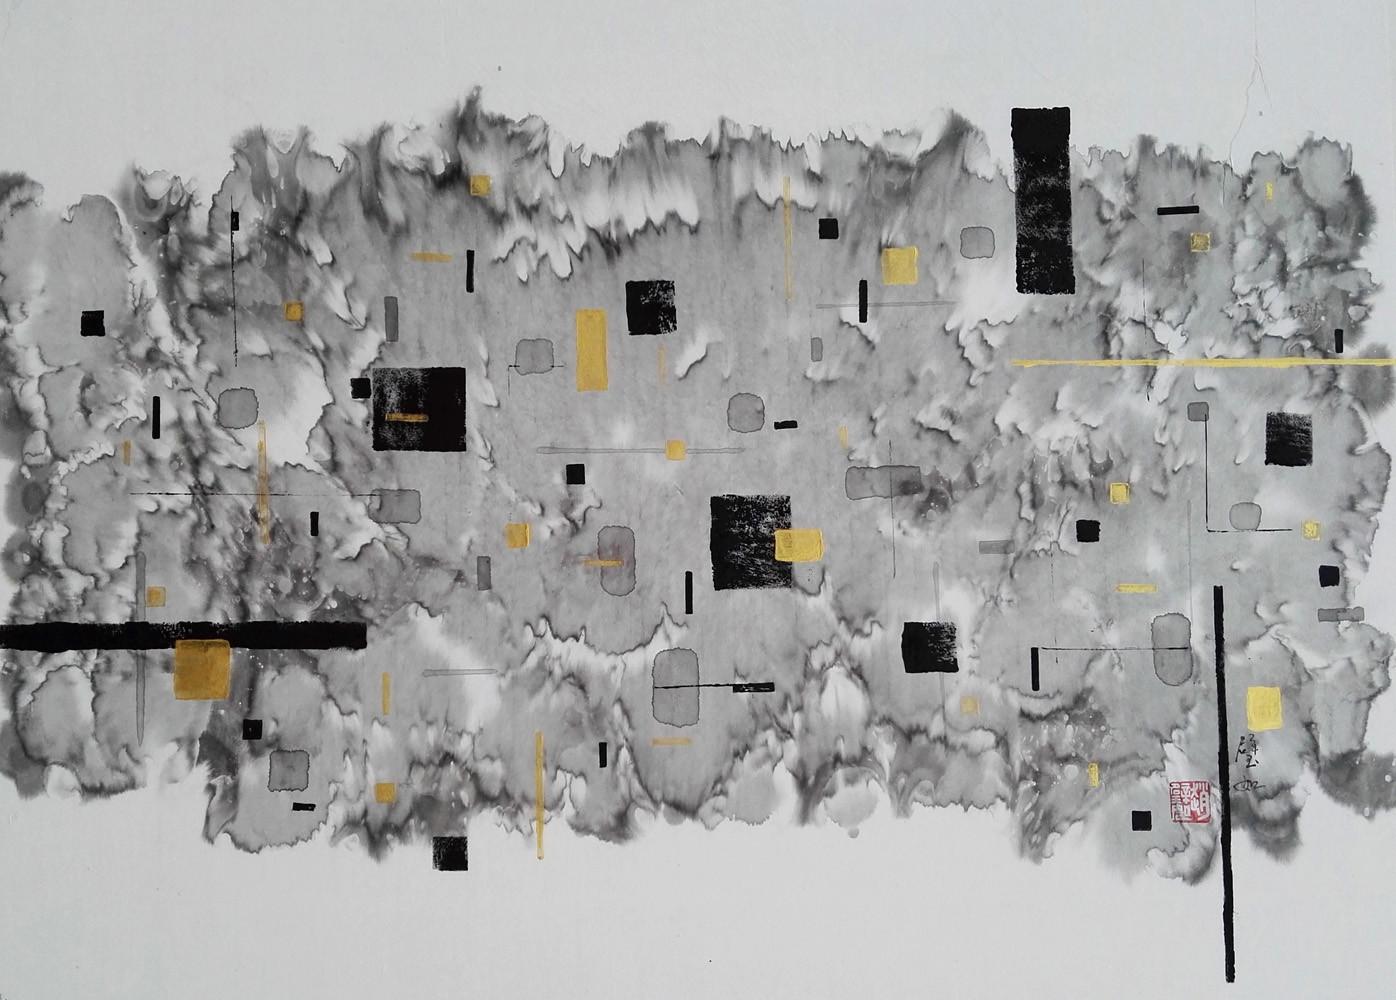 Biru Zhao - Urbanisation 4°